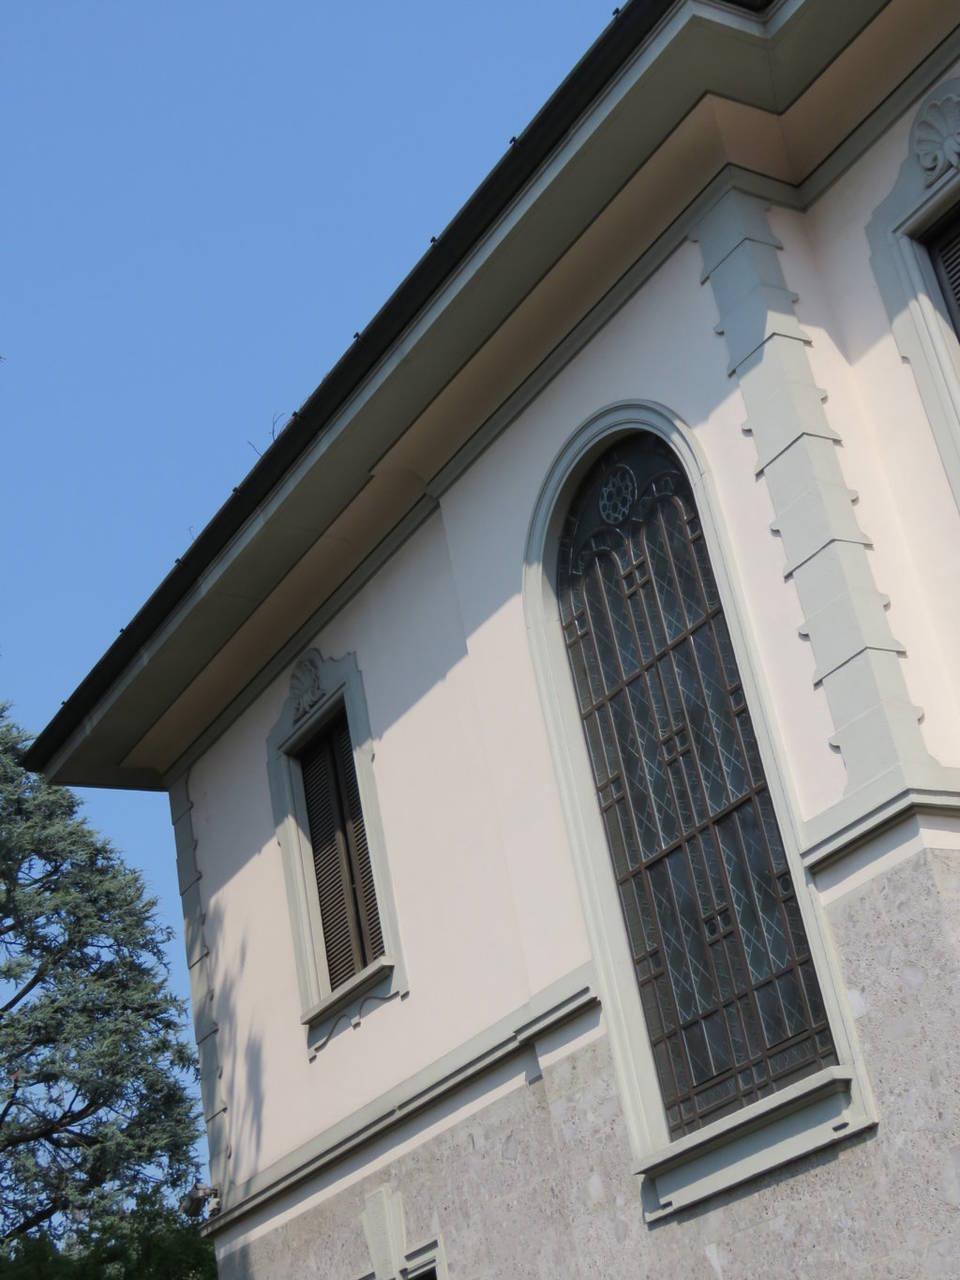 Villa-Epoca-di-pregio-in-vendita-a-Monza-41